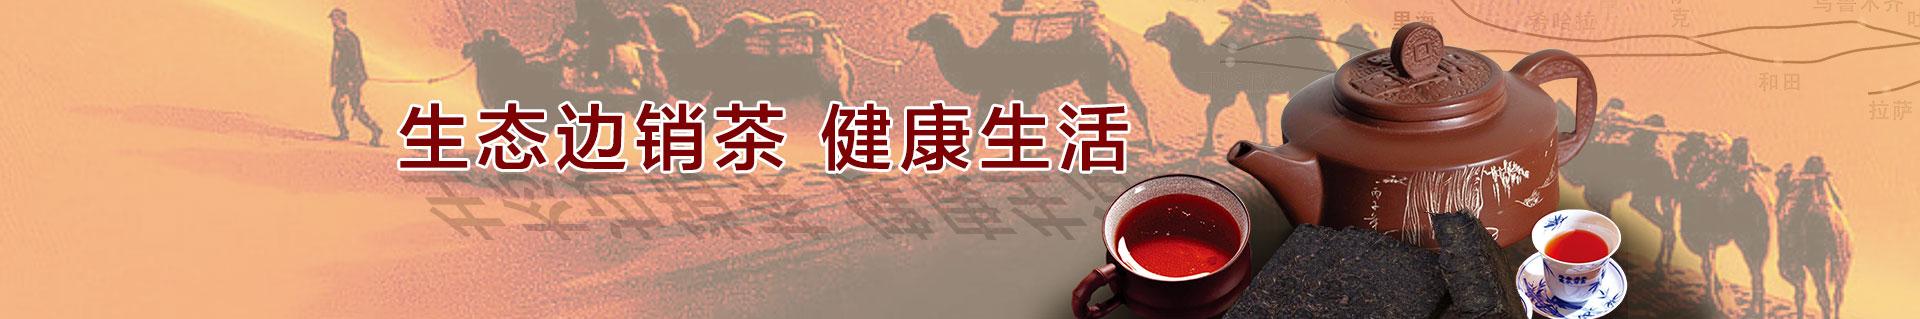 湖北茯砖茶价格_湖北万和农业发展有限公司